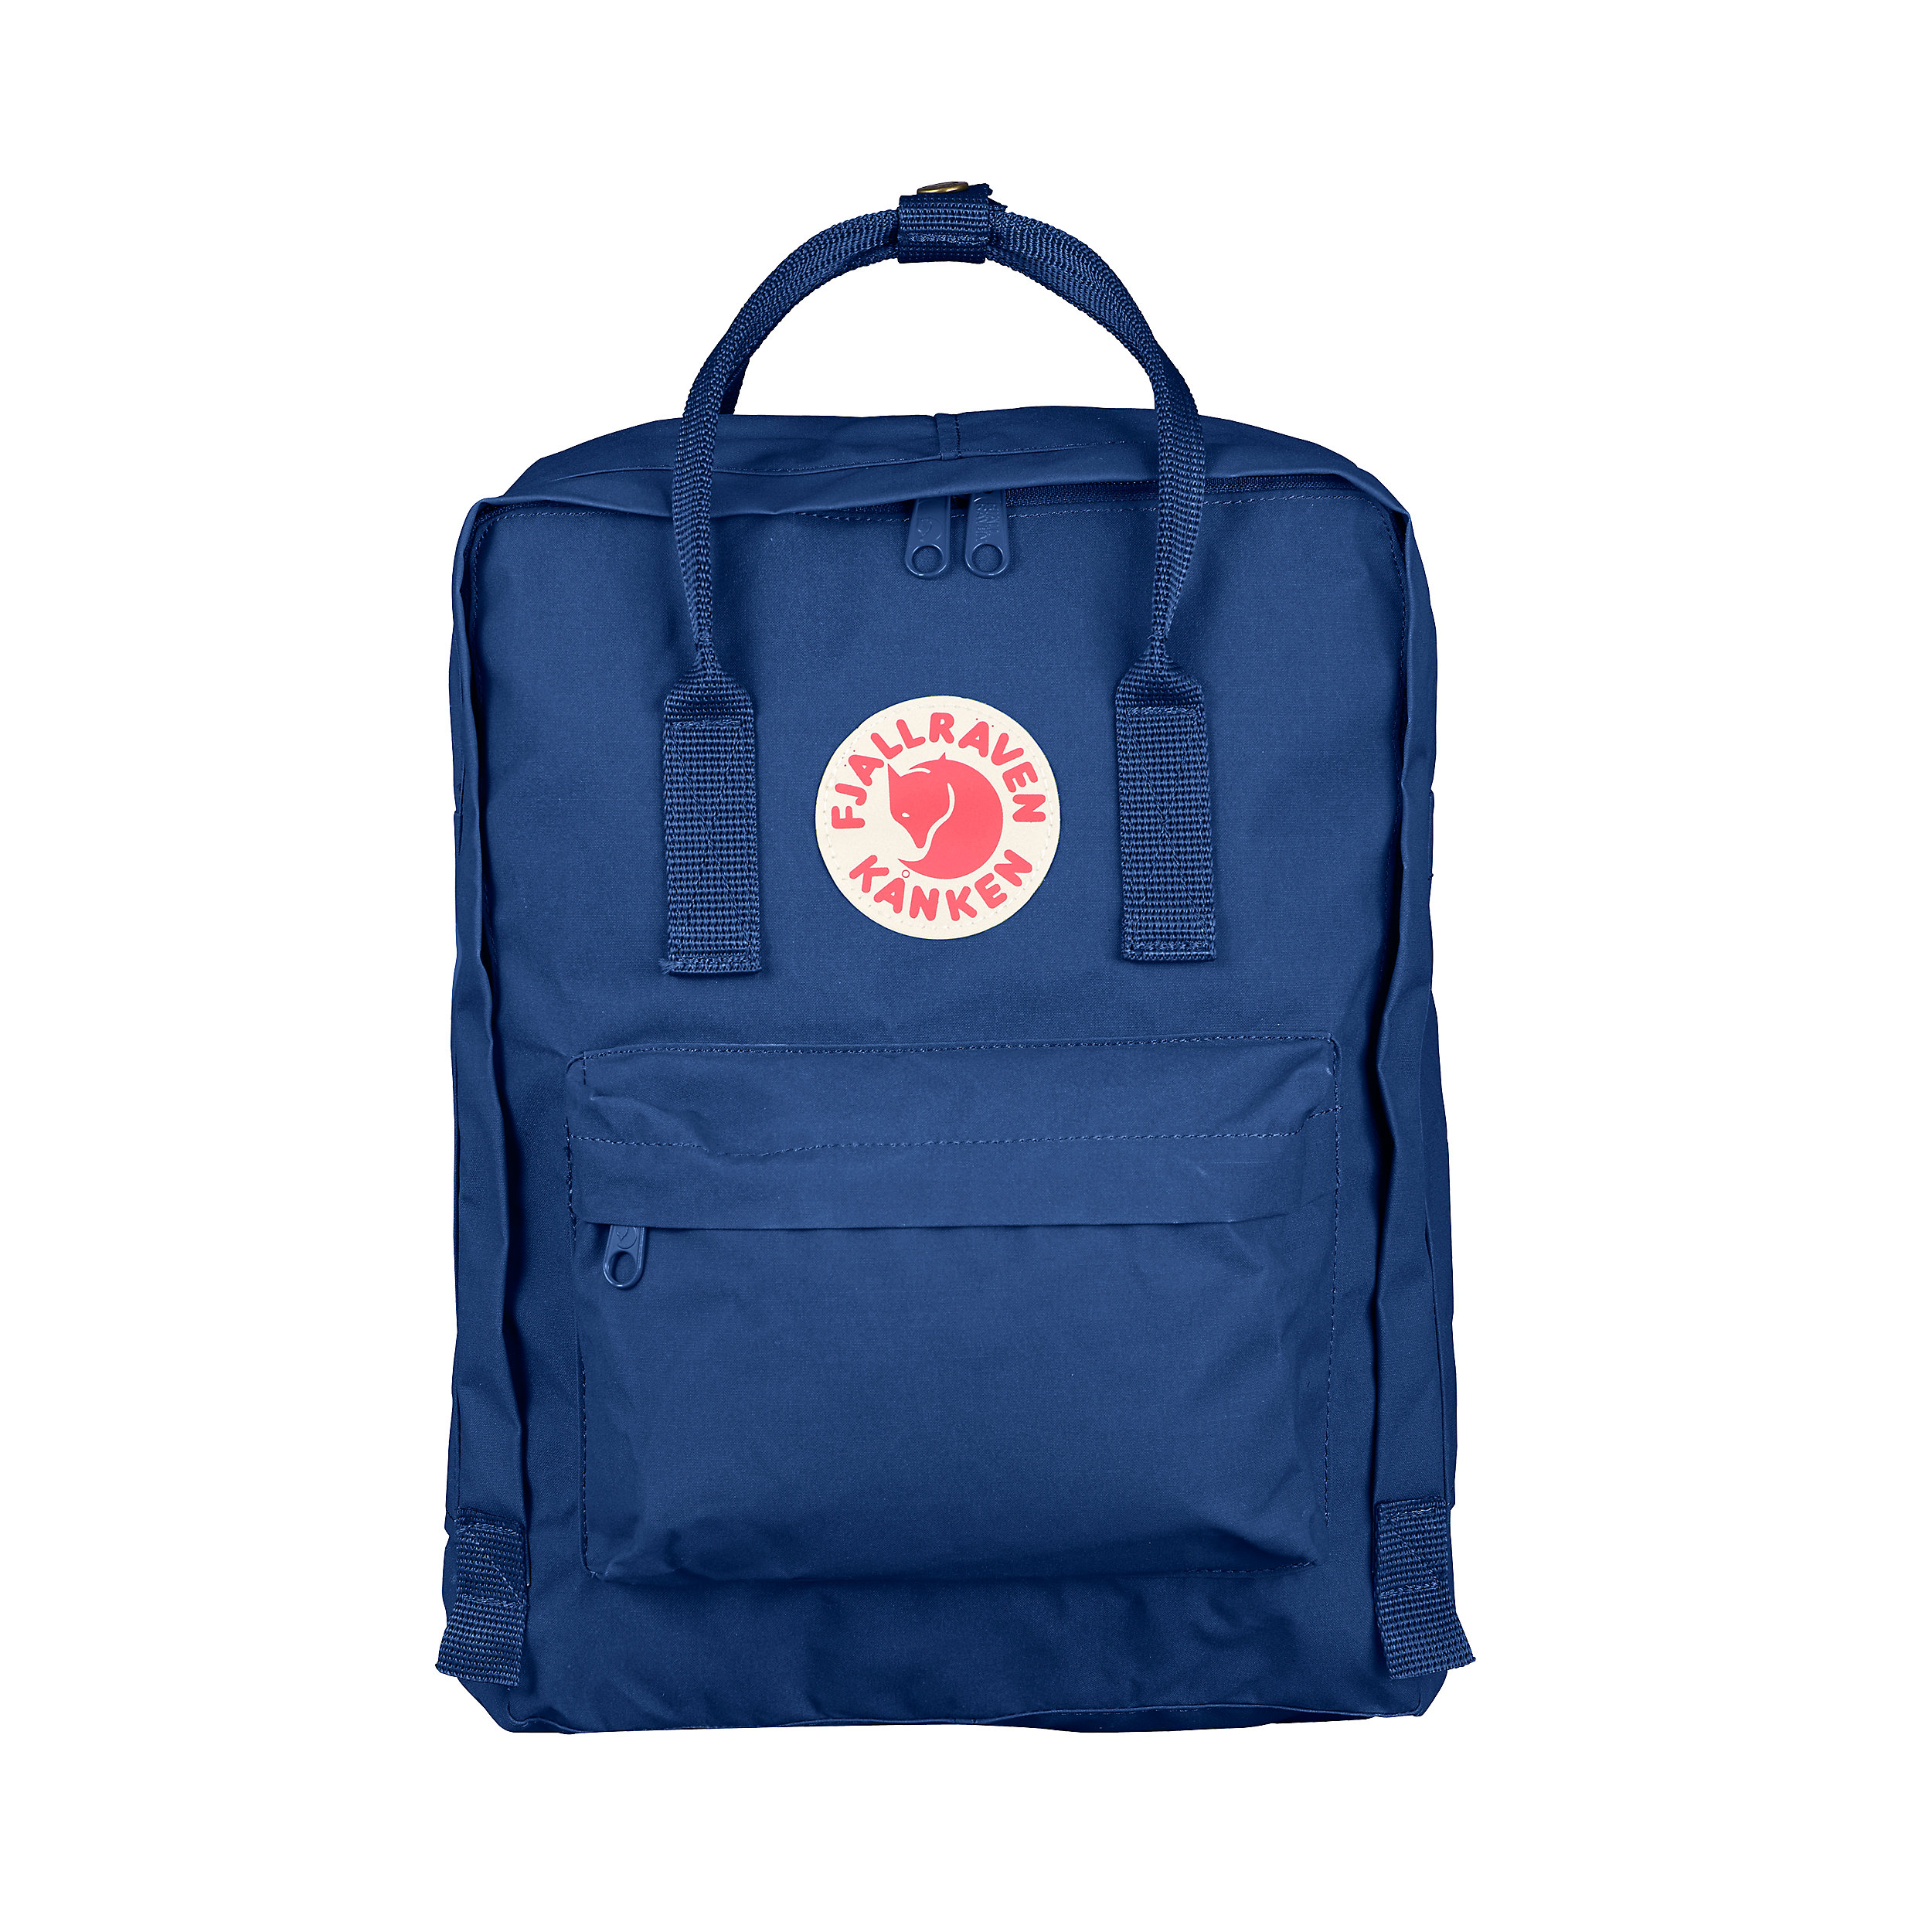 Backpack Kanken 16 Liter